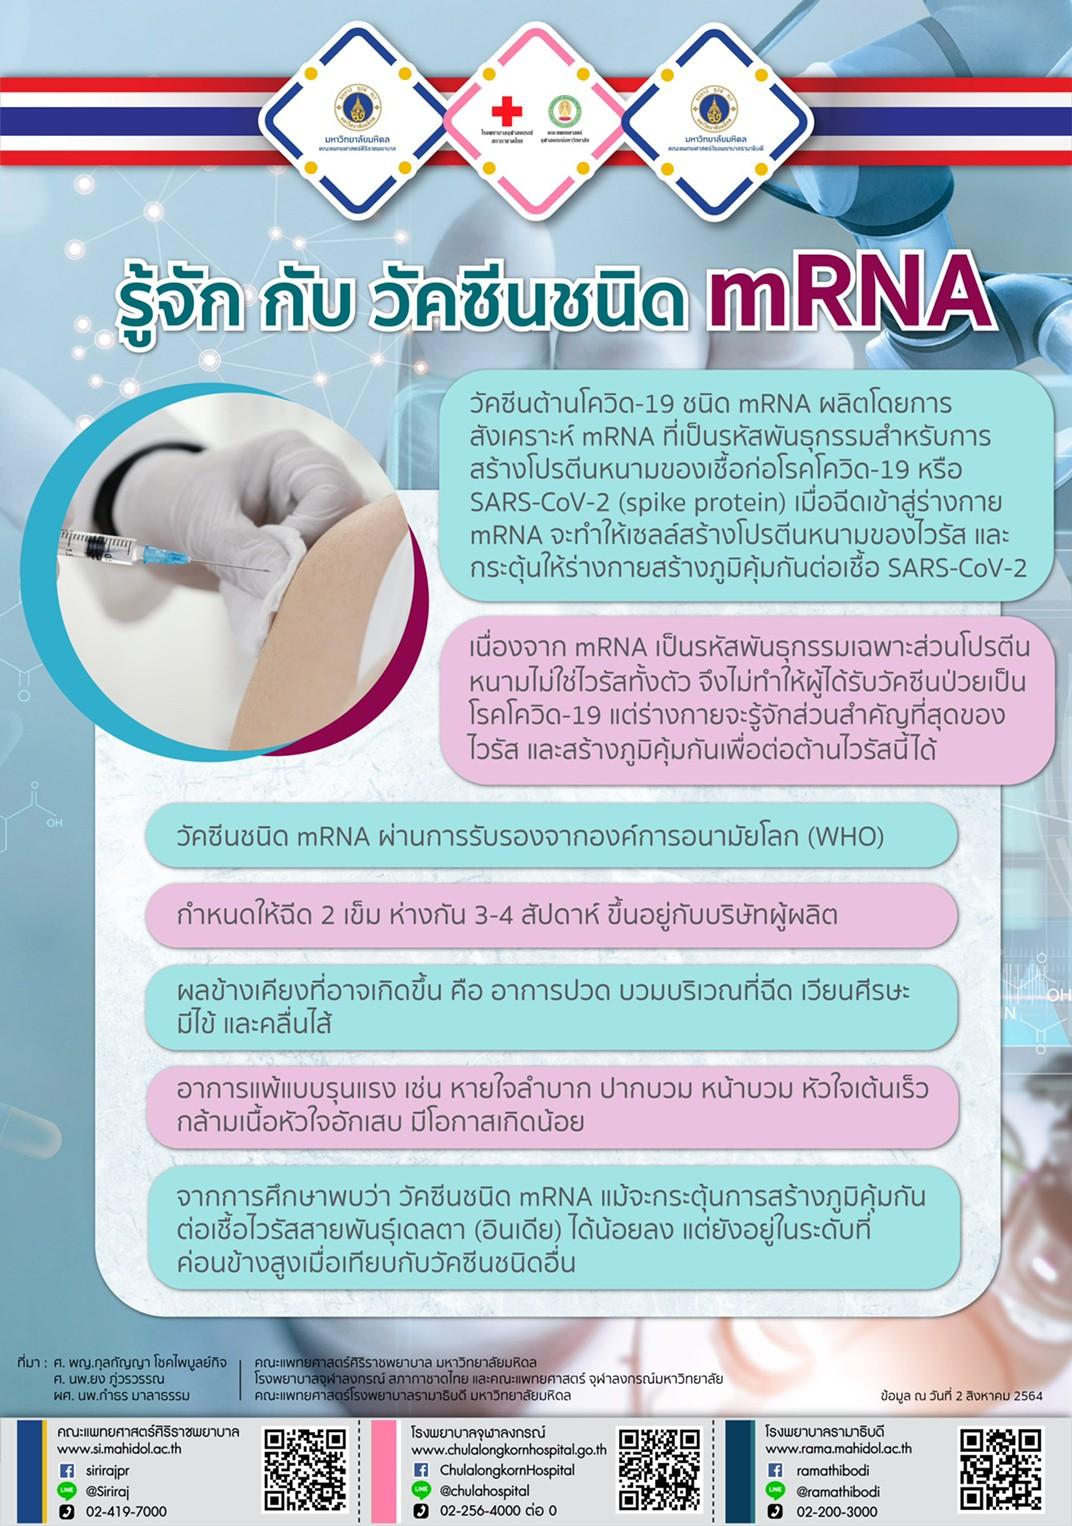 รู้จัก กับ วัคซีนชนิด mRNA